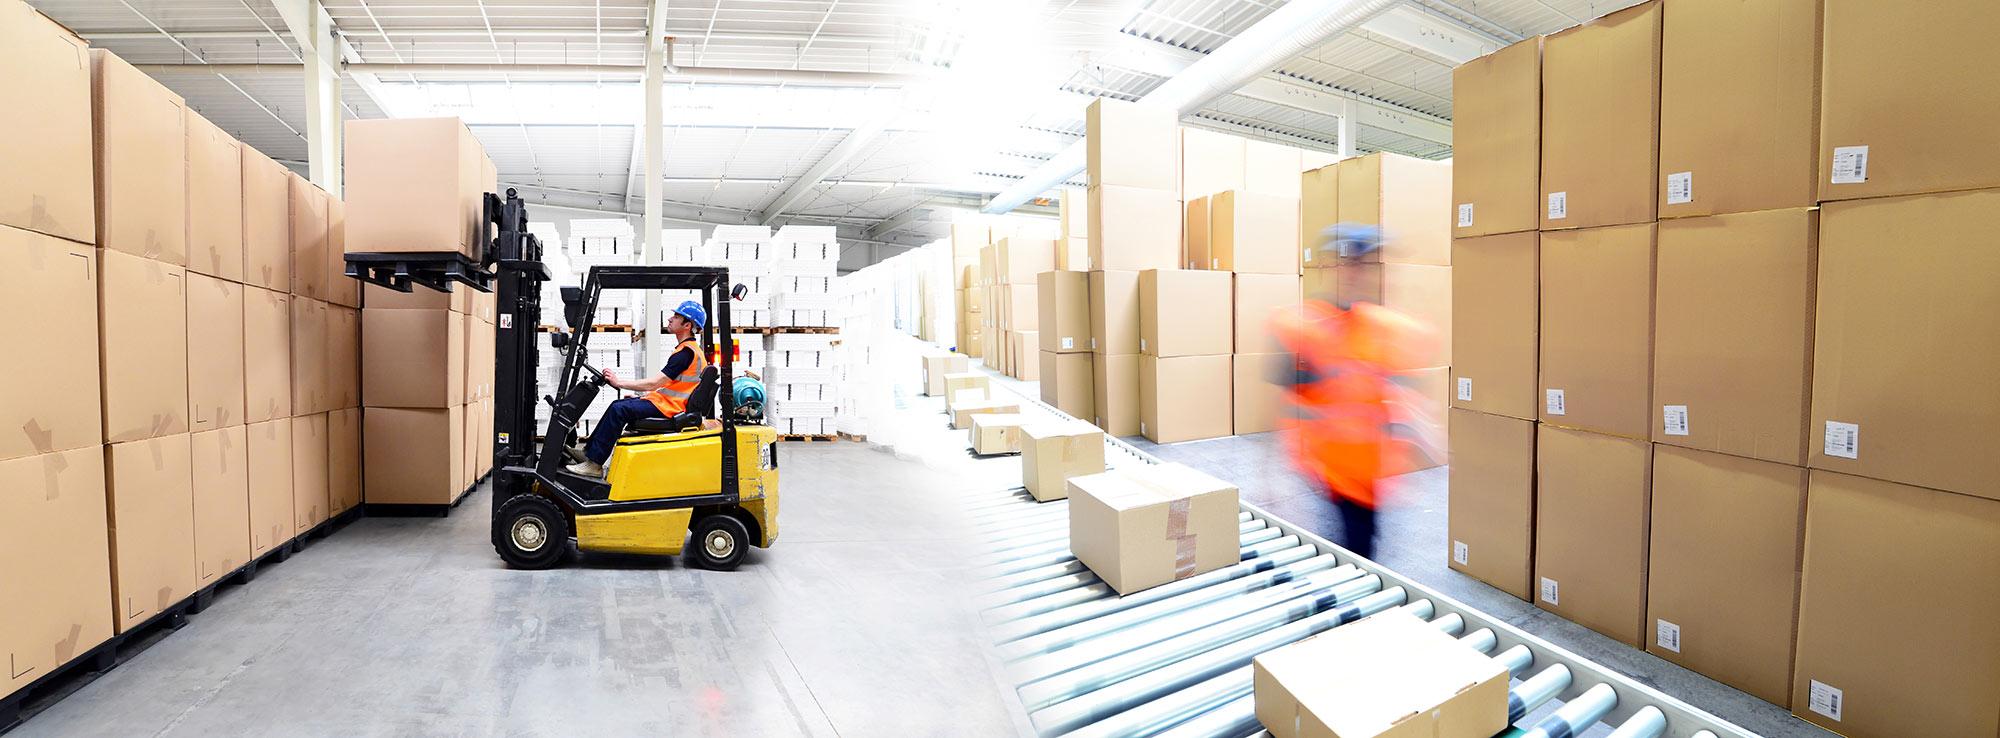 Mitarbeiter Logistik/Lager (m/w/d)